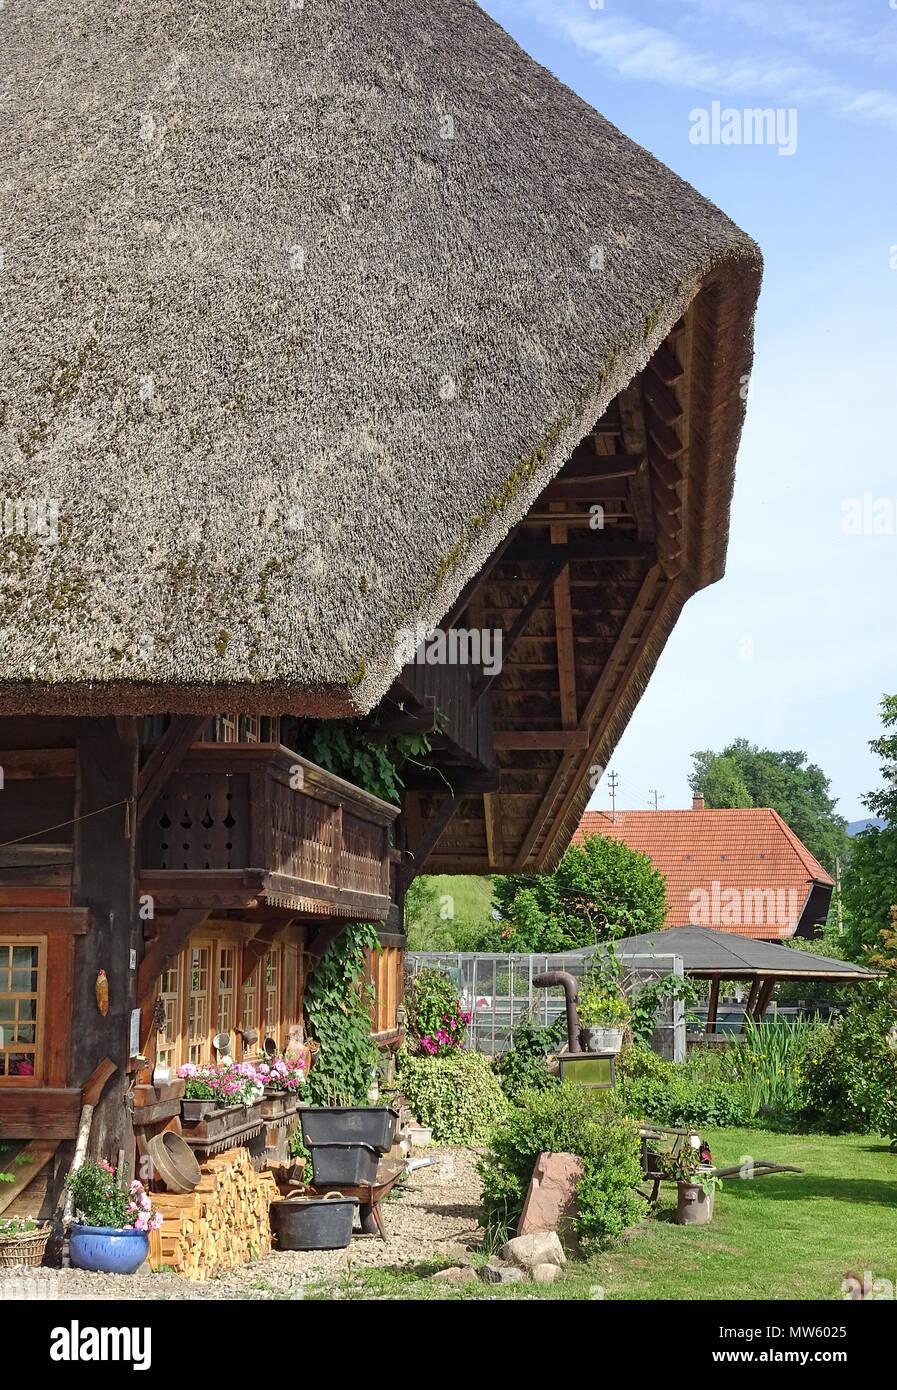 Teilweise mit Blick auf einen alten historischen Schwarzwald Haus mit Vorgarten in Gutach, Schwarzwald, Baden-Württemberg, Deutschland, Europa Stockbild